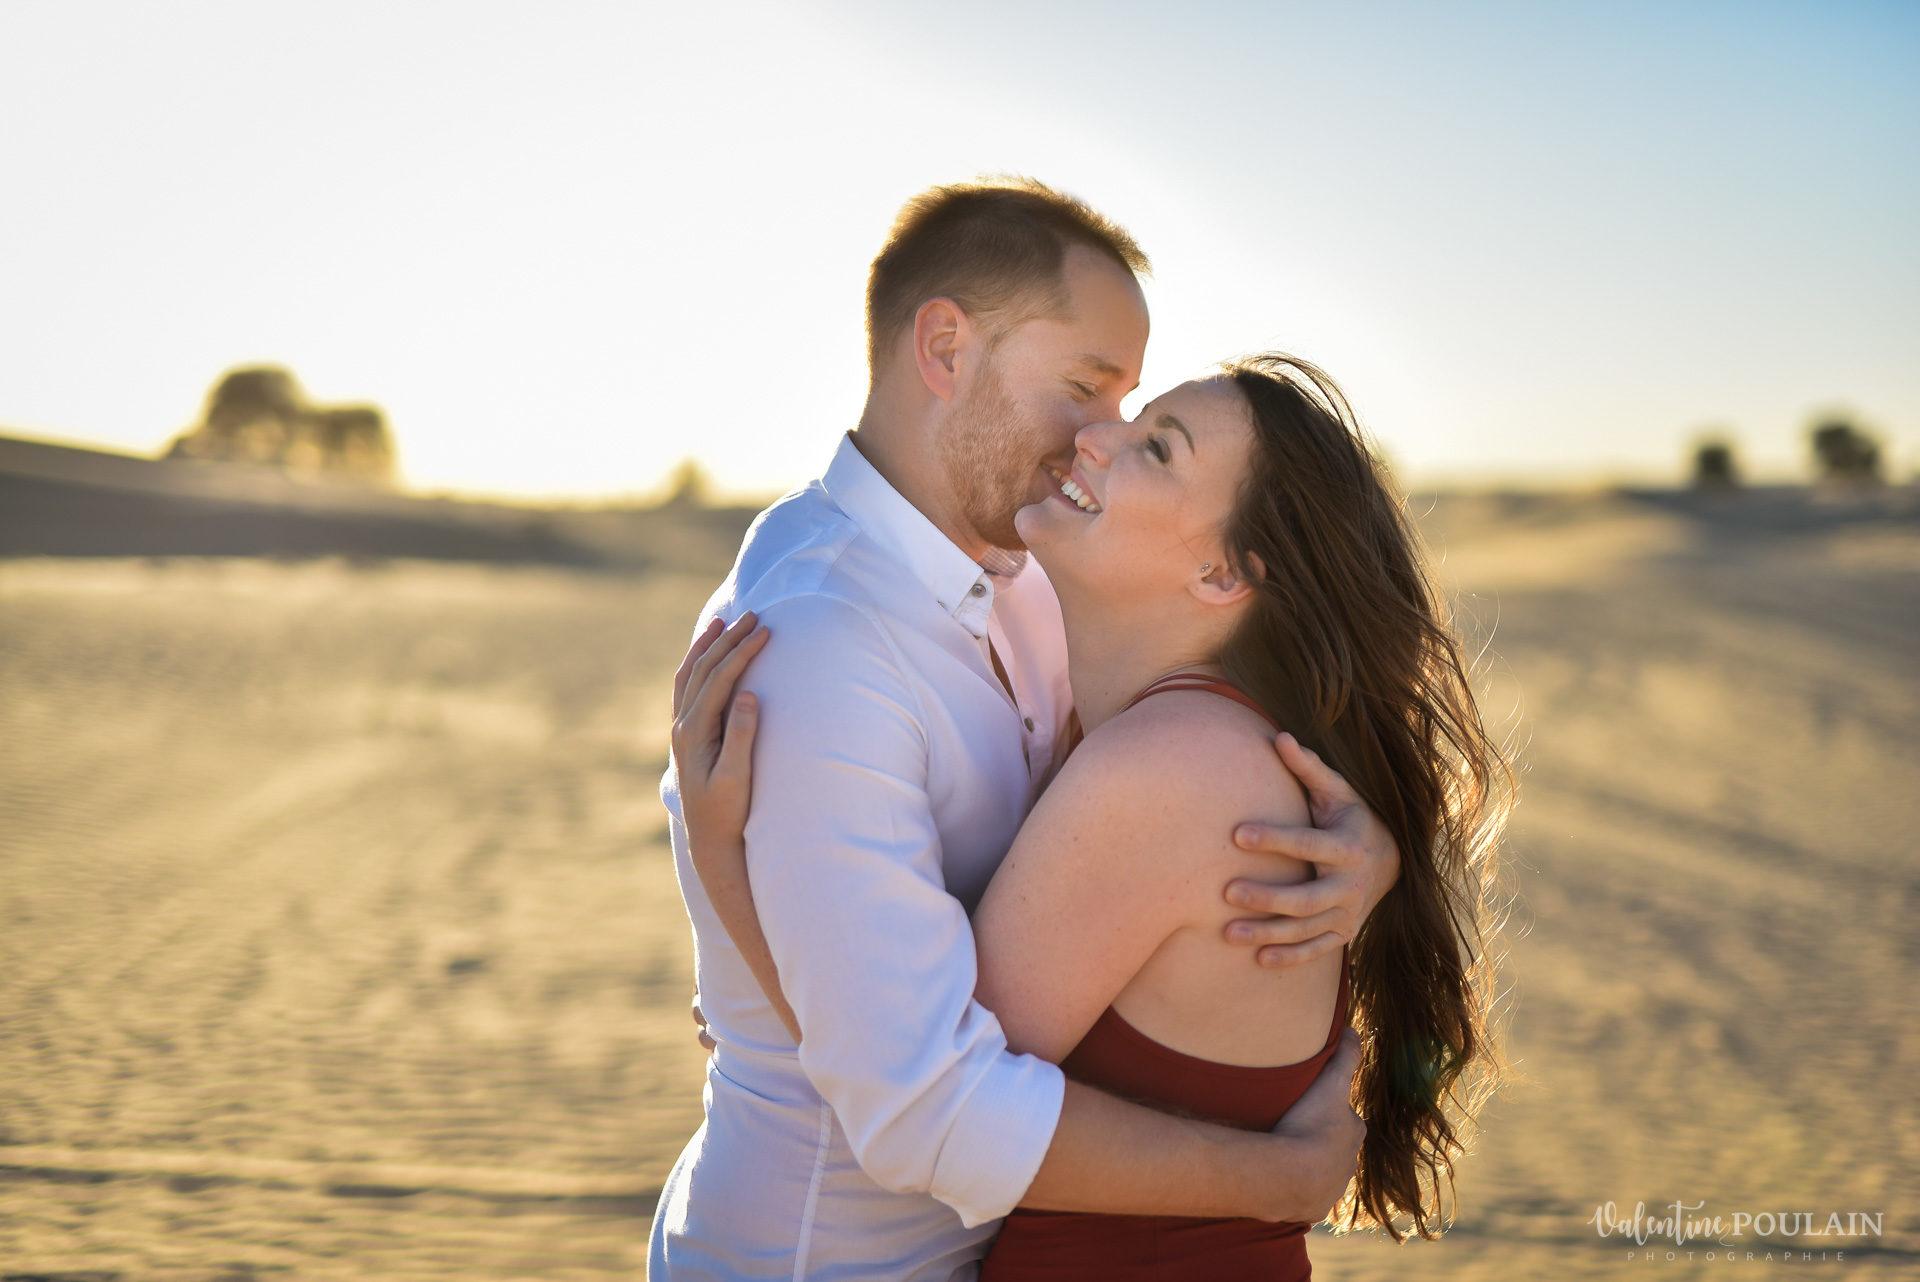 Demande en mariage Désert Dubaï - Valentine Poulain bonheur